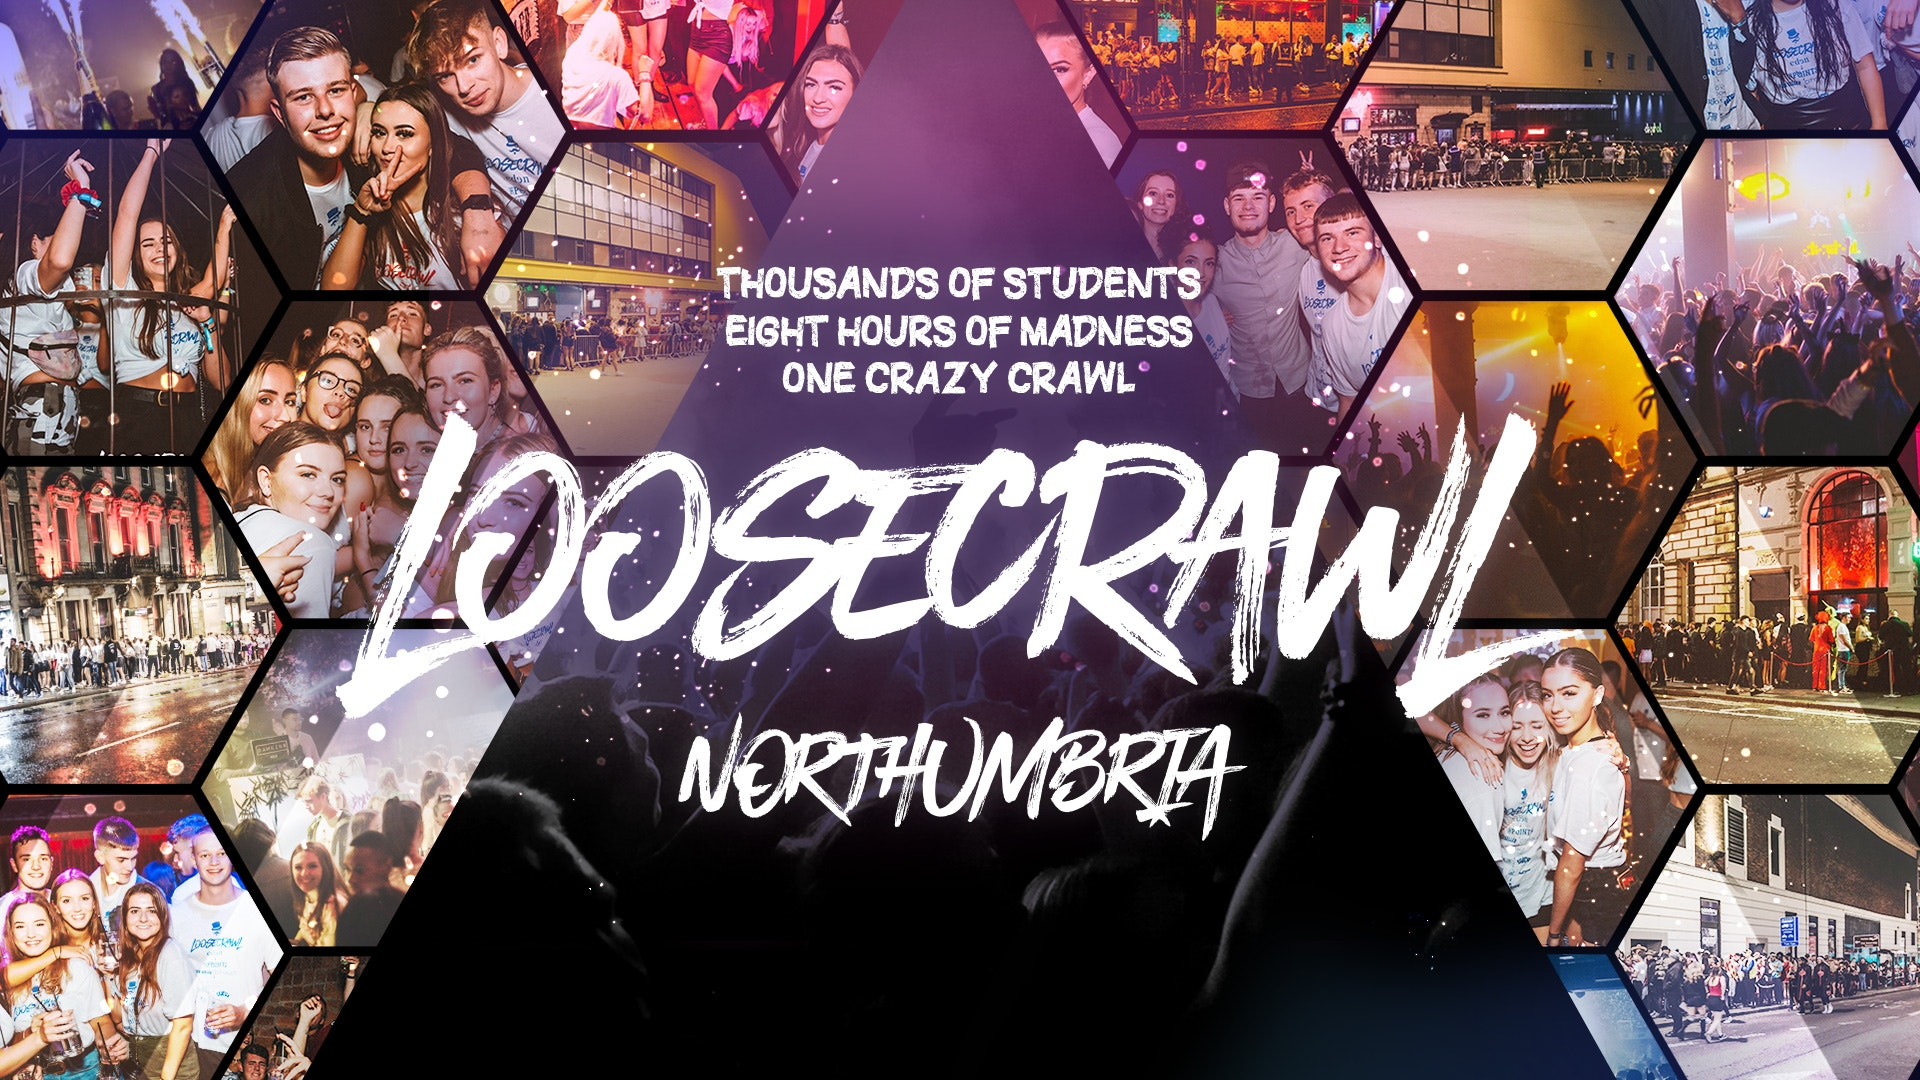 LooseCrawl   Northumbria University Freshers I 2021